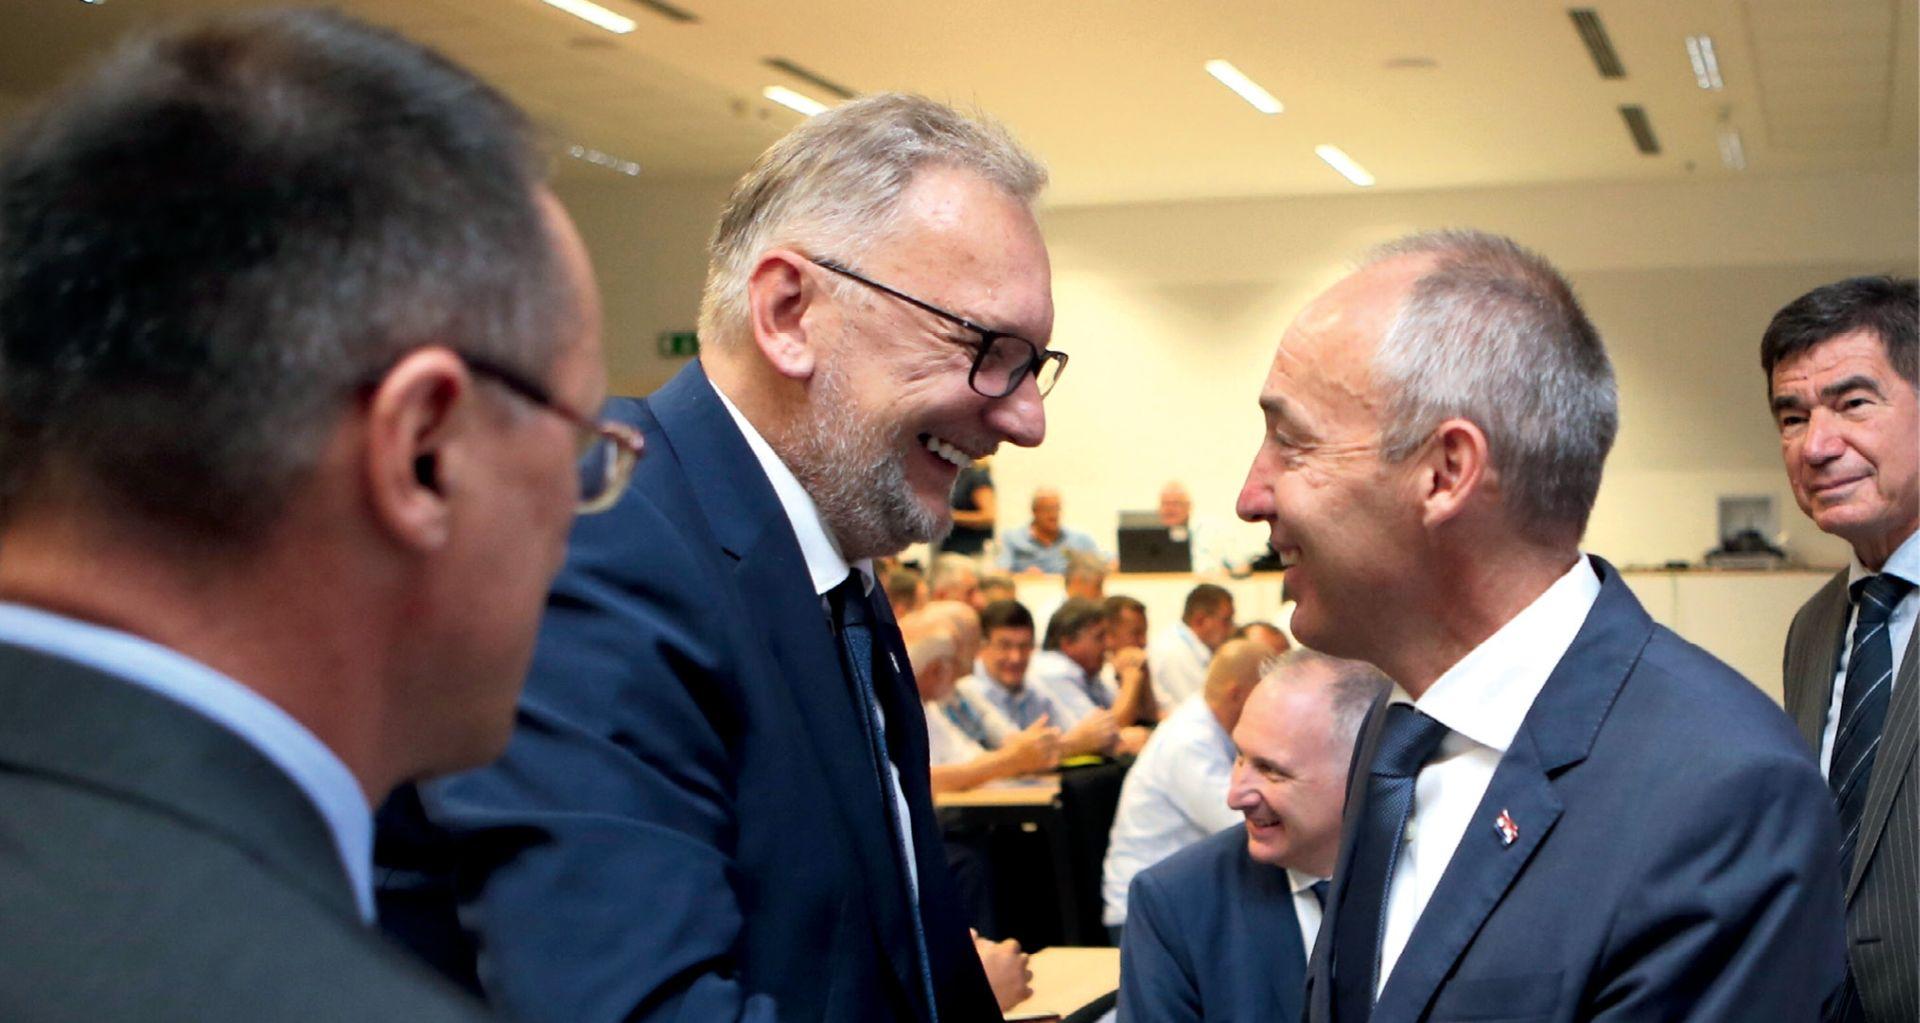 Božinović preuzima kontrolu nad sustavom domovinske sigurnosti